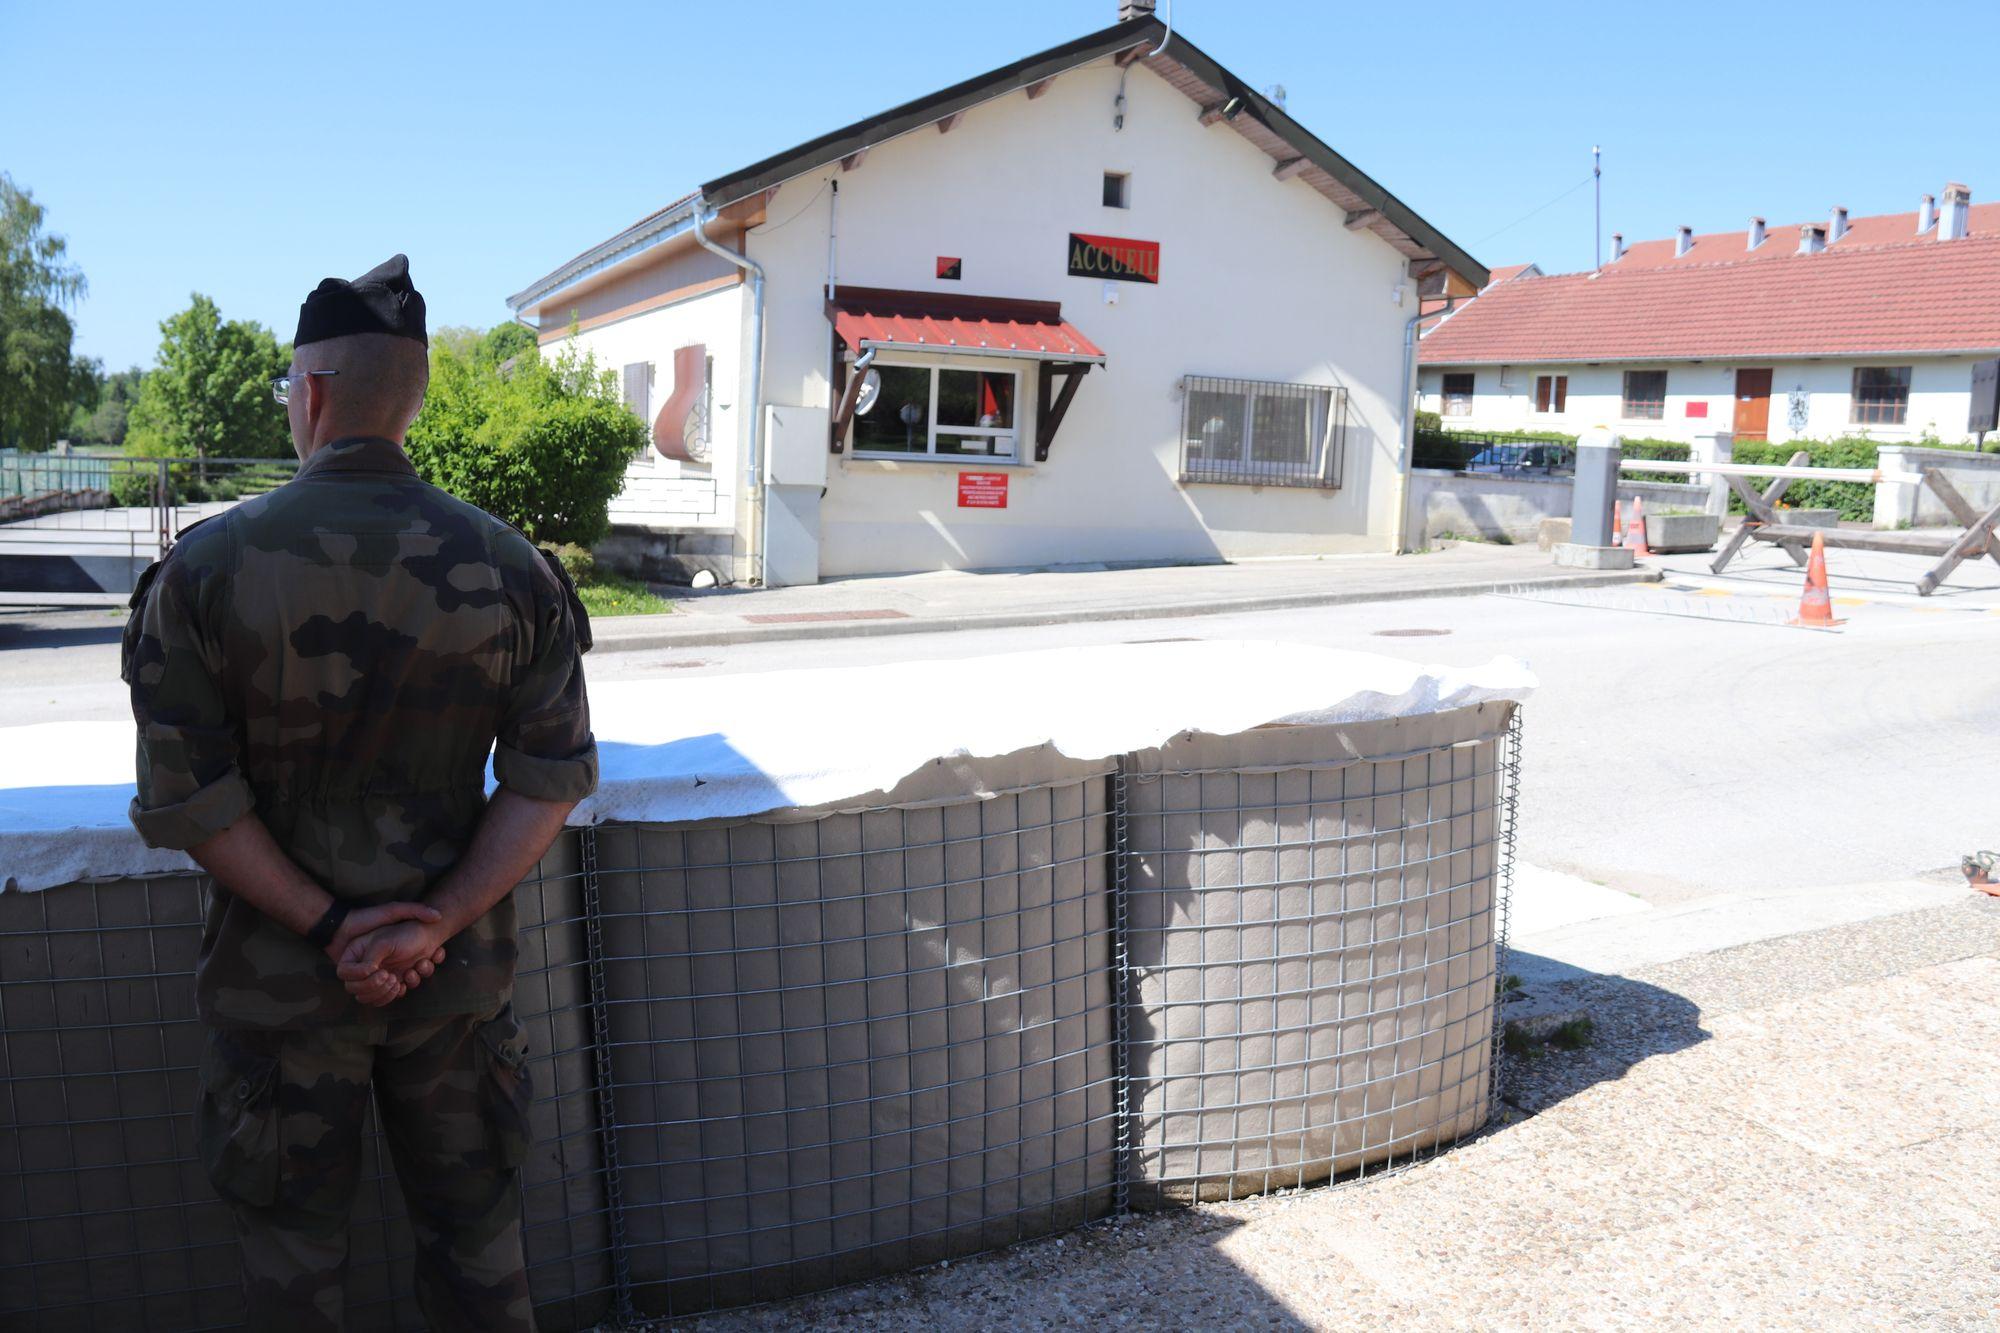 Valdahon. Comment les militaires ont-ils vécu le confinement ?